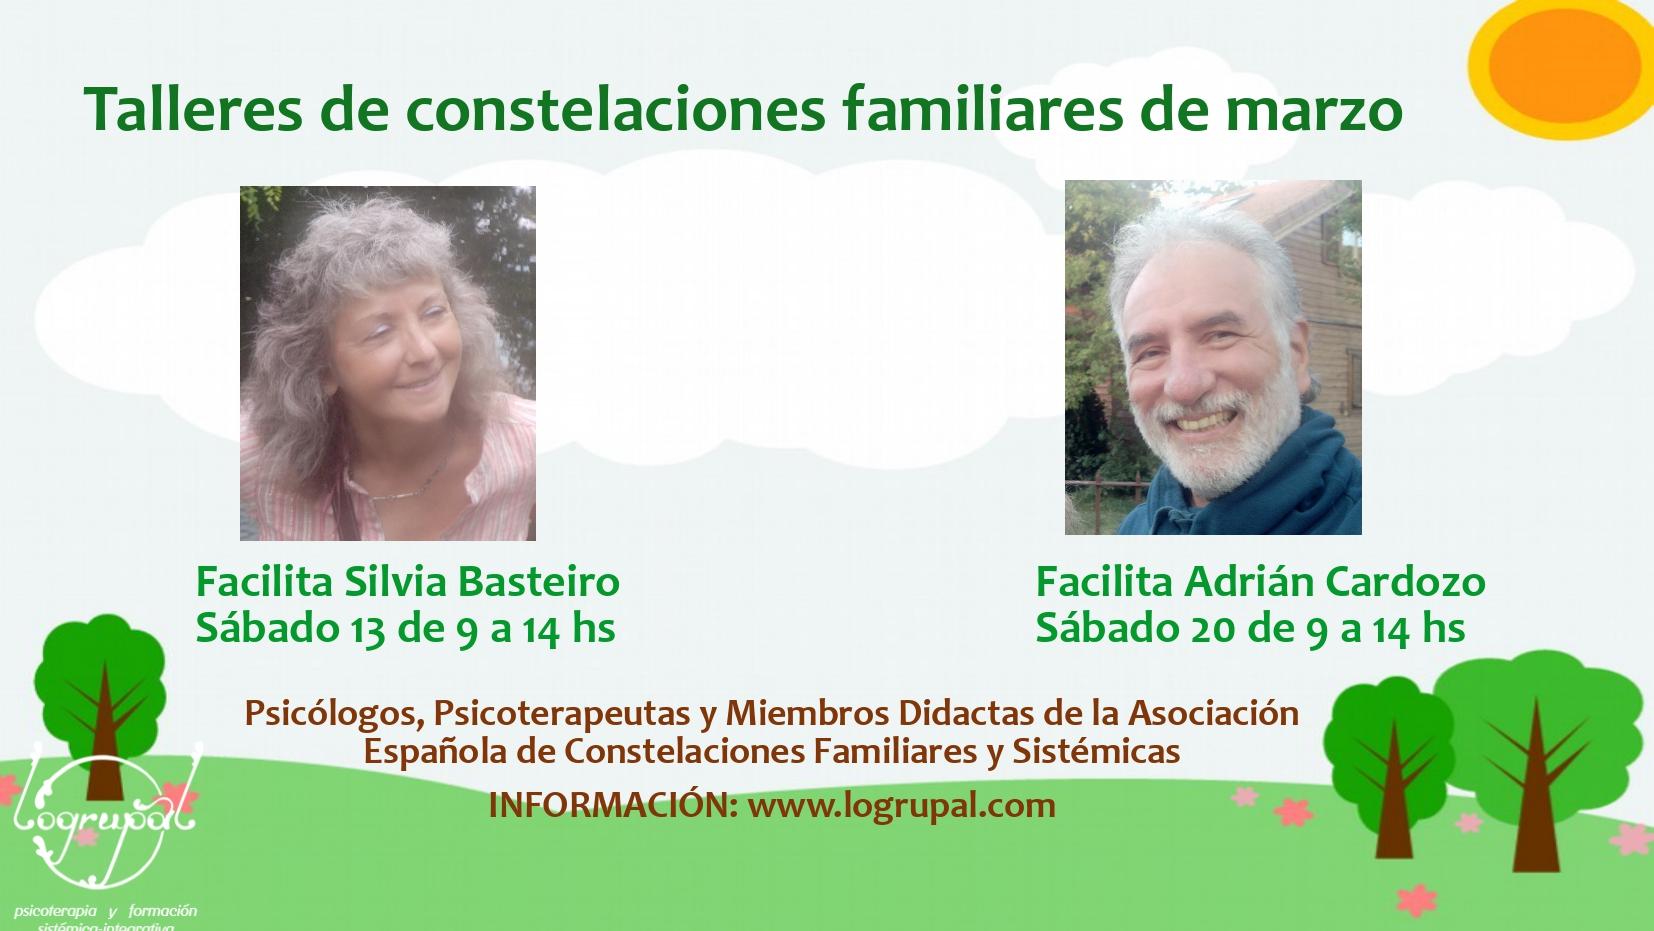 Talleres de constelaciones familiares en Almería (presencial y online) Sábados 13 y 20 de marzo